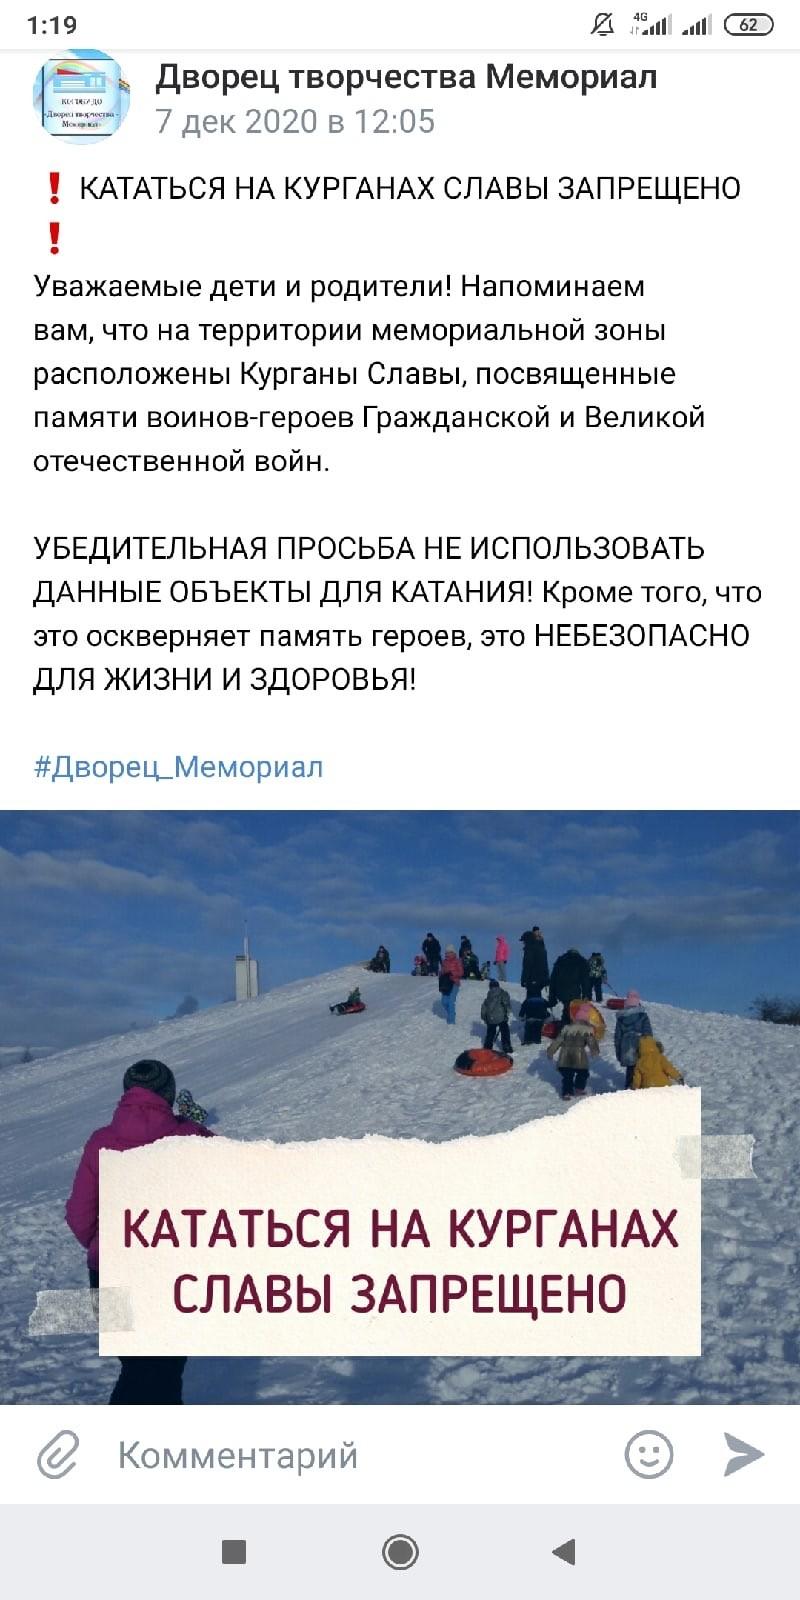 Кировчане возмущены катанием детей с курганов у Дворца пионеров